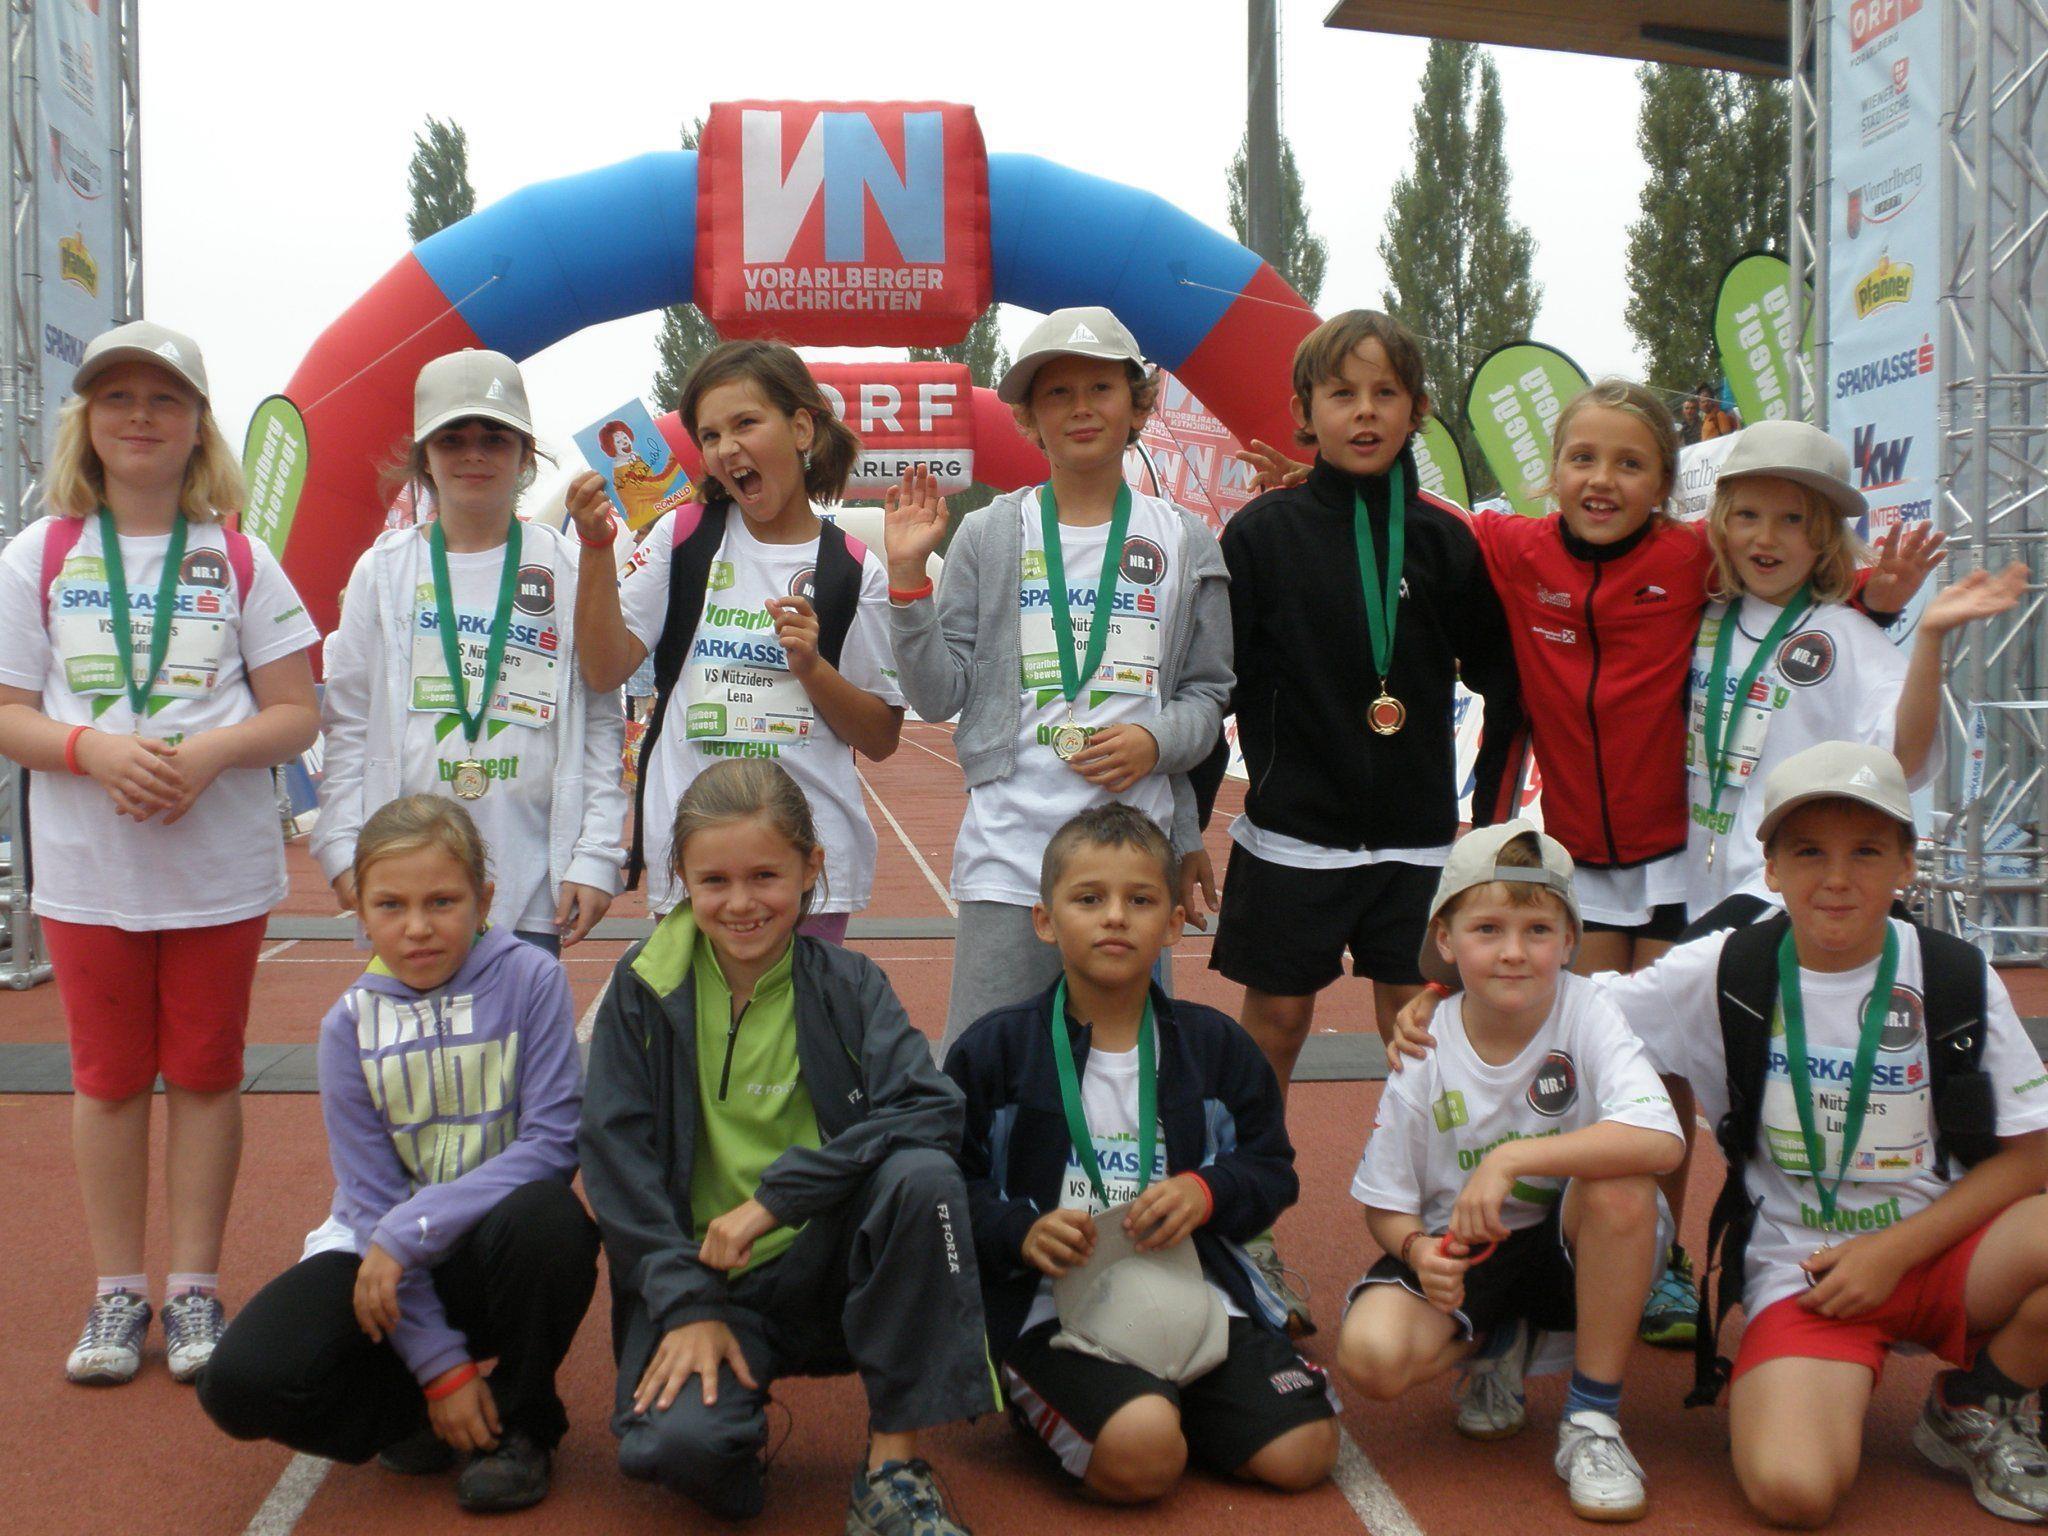 Sportliche Leistung: Die VS-SchülerInnen  plazierten sich hervorragend beim Kindermarathon